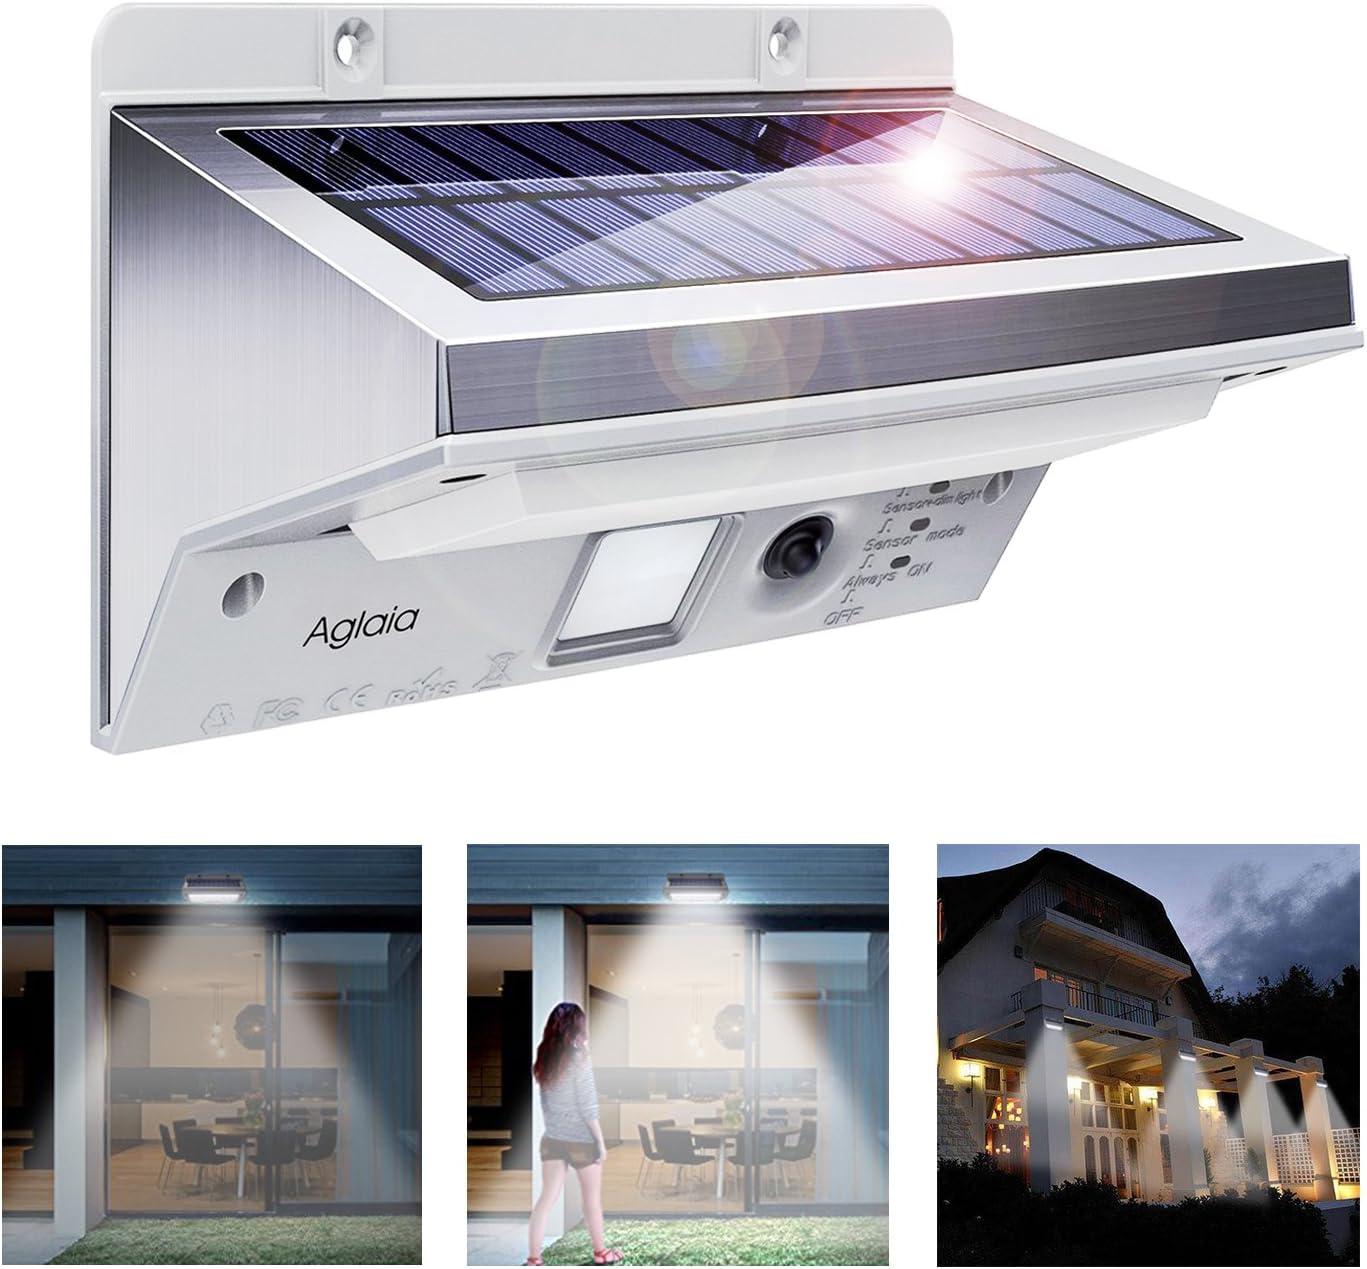 Luces Solares, Aglaia Lámparas Solares luz solar LED/foco LED con 2 Sensores de Movimiento, 12 LEDs con 5 Modes de Iluminación para Jardín, Patio, Exterior (Negro) (white): Amazon.es: Iluminación